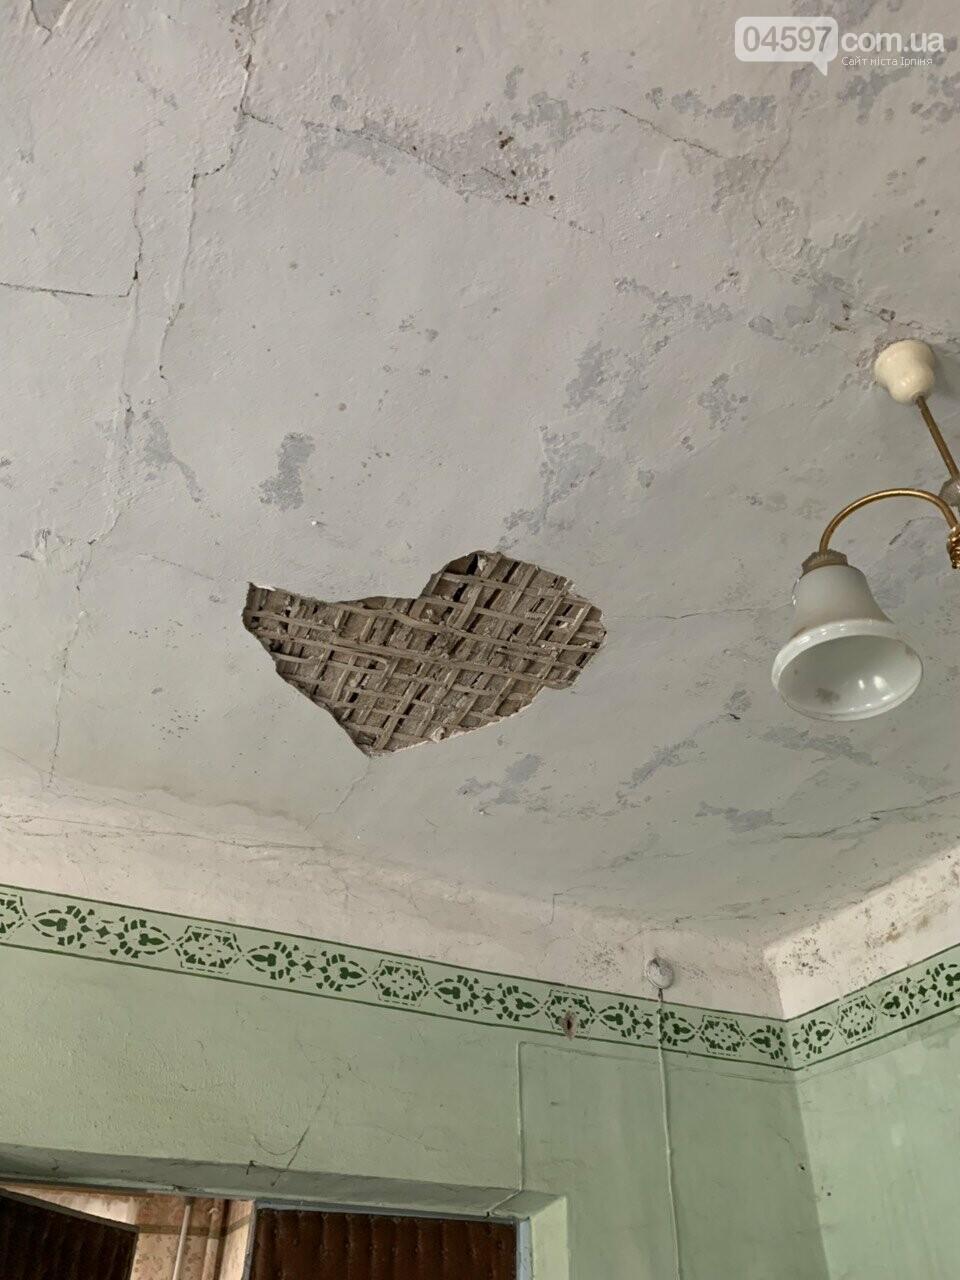 Ольга Прилипко: школа 15 потребує капітального ремонту, фото-5